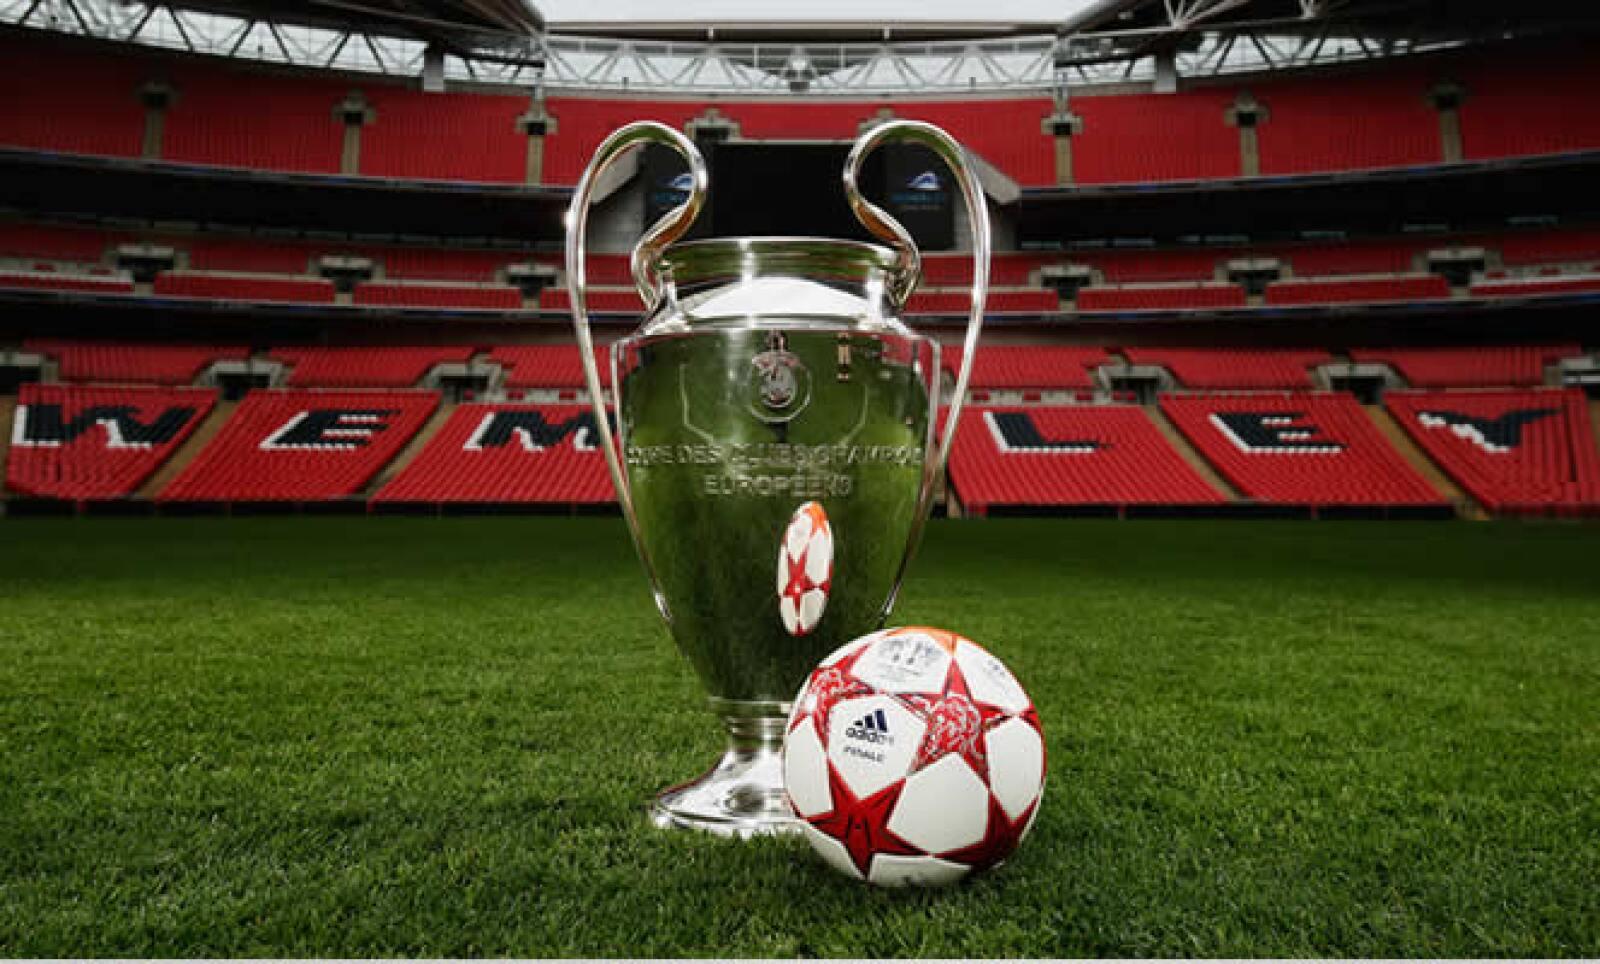 Adidas también lanzó el balón oficial para disputar este encuentro. Cuesta 70 libras, cerca de 1,300 pesos más envío.